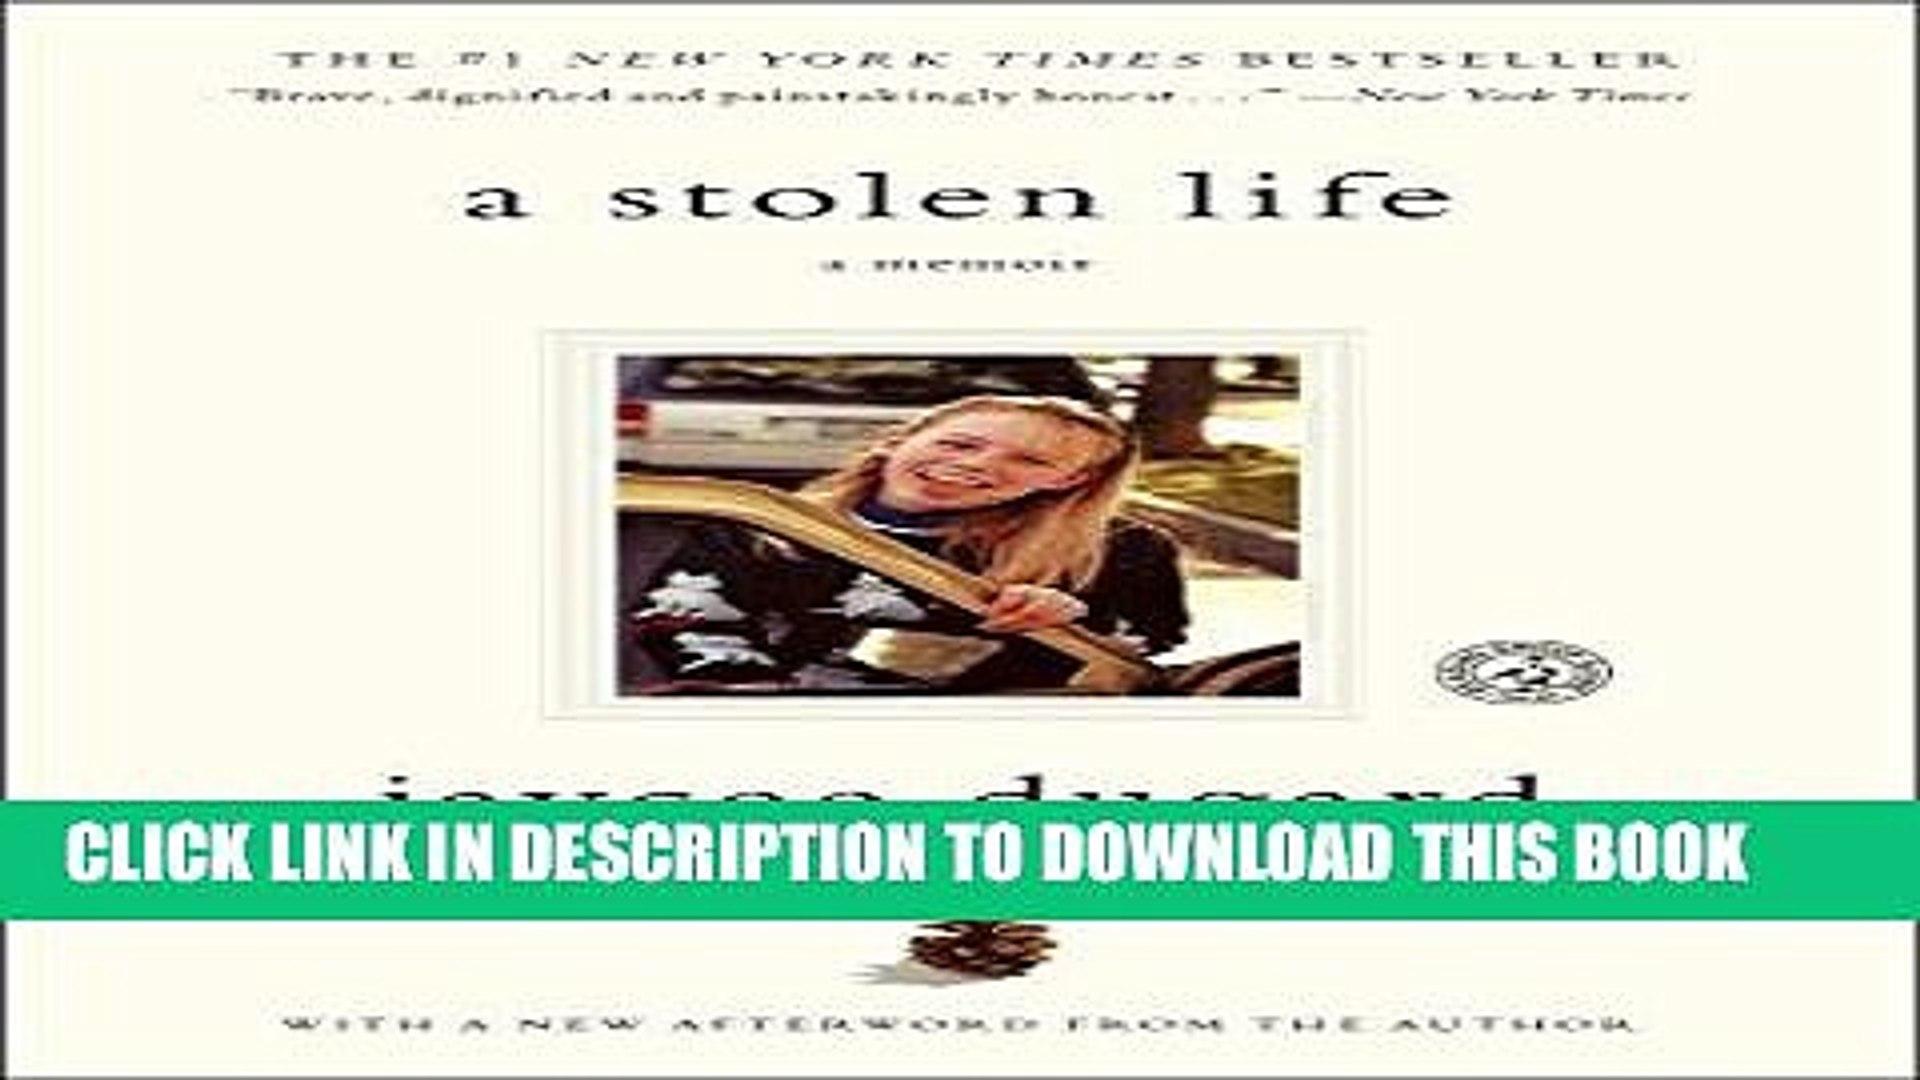 Books A Stolen Life: A Memoir Read online Free